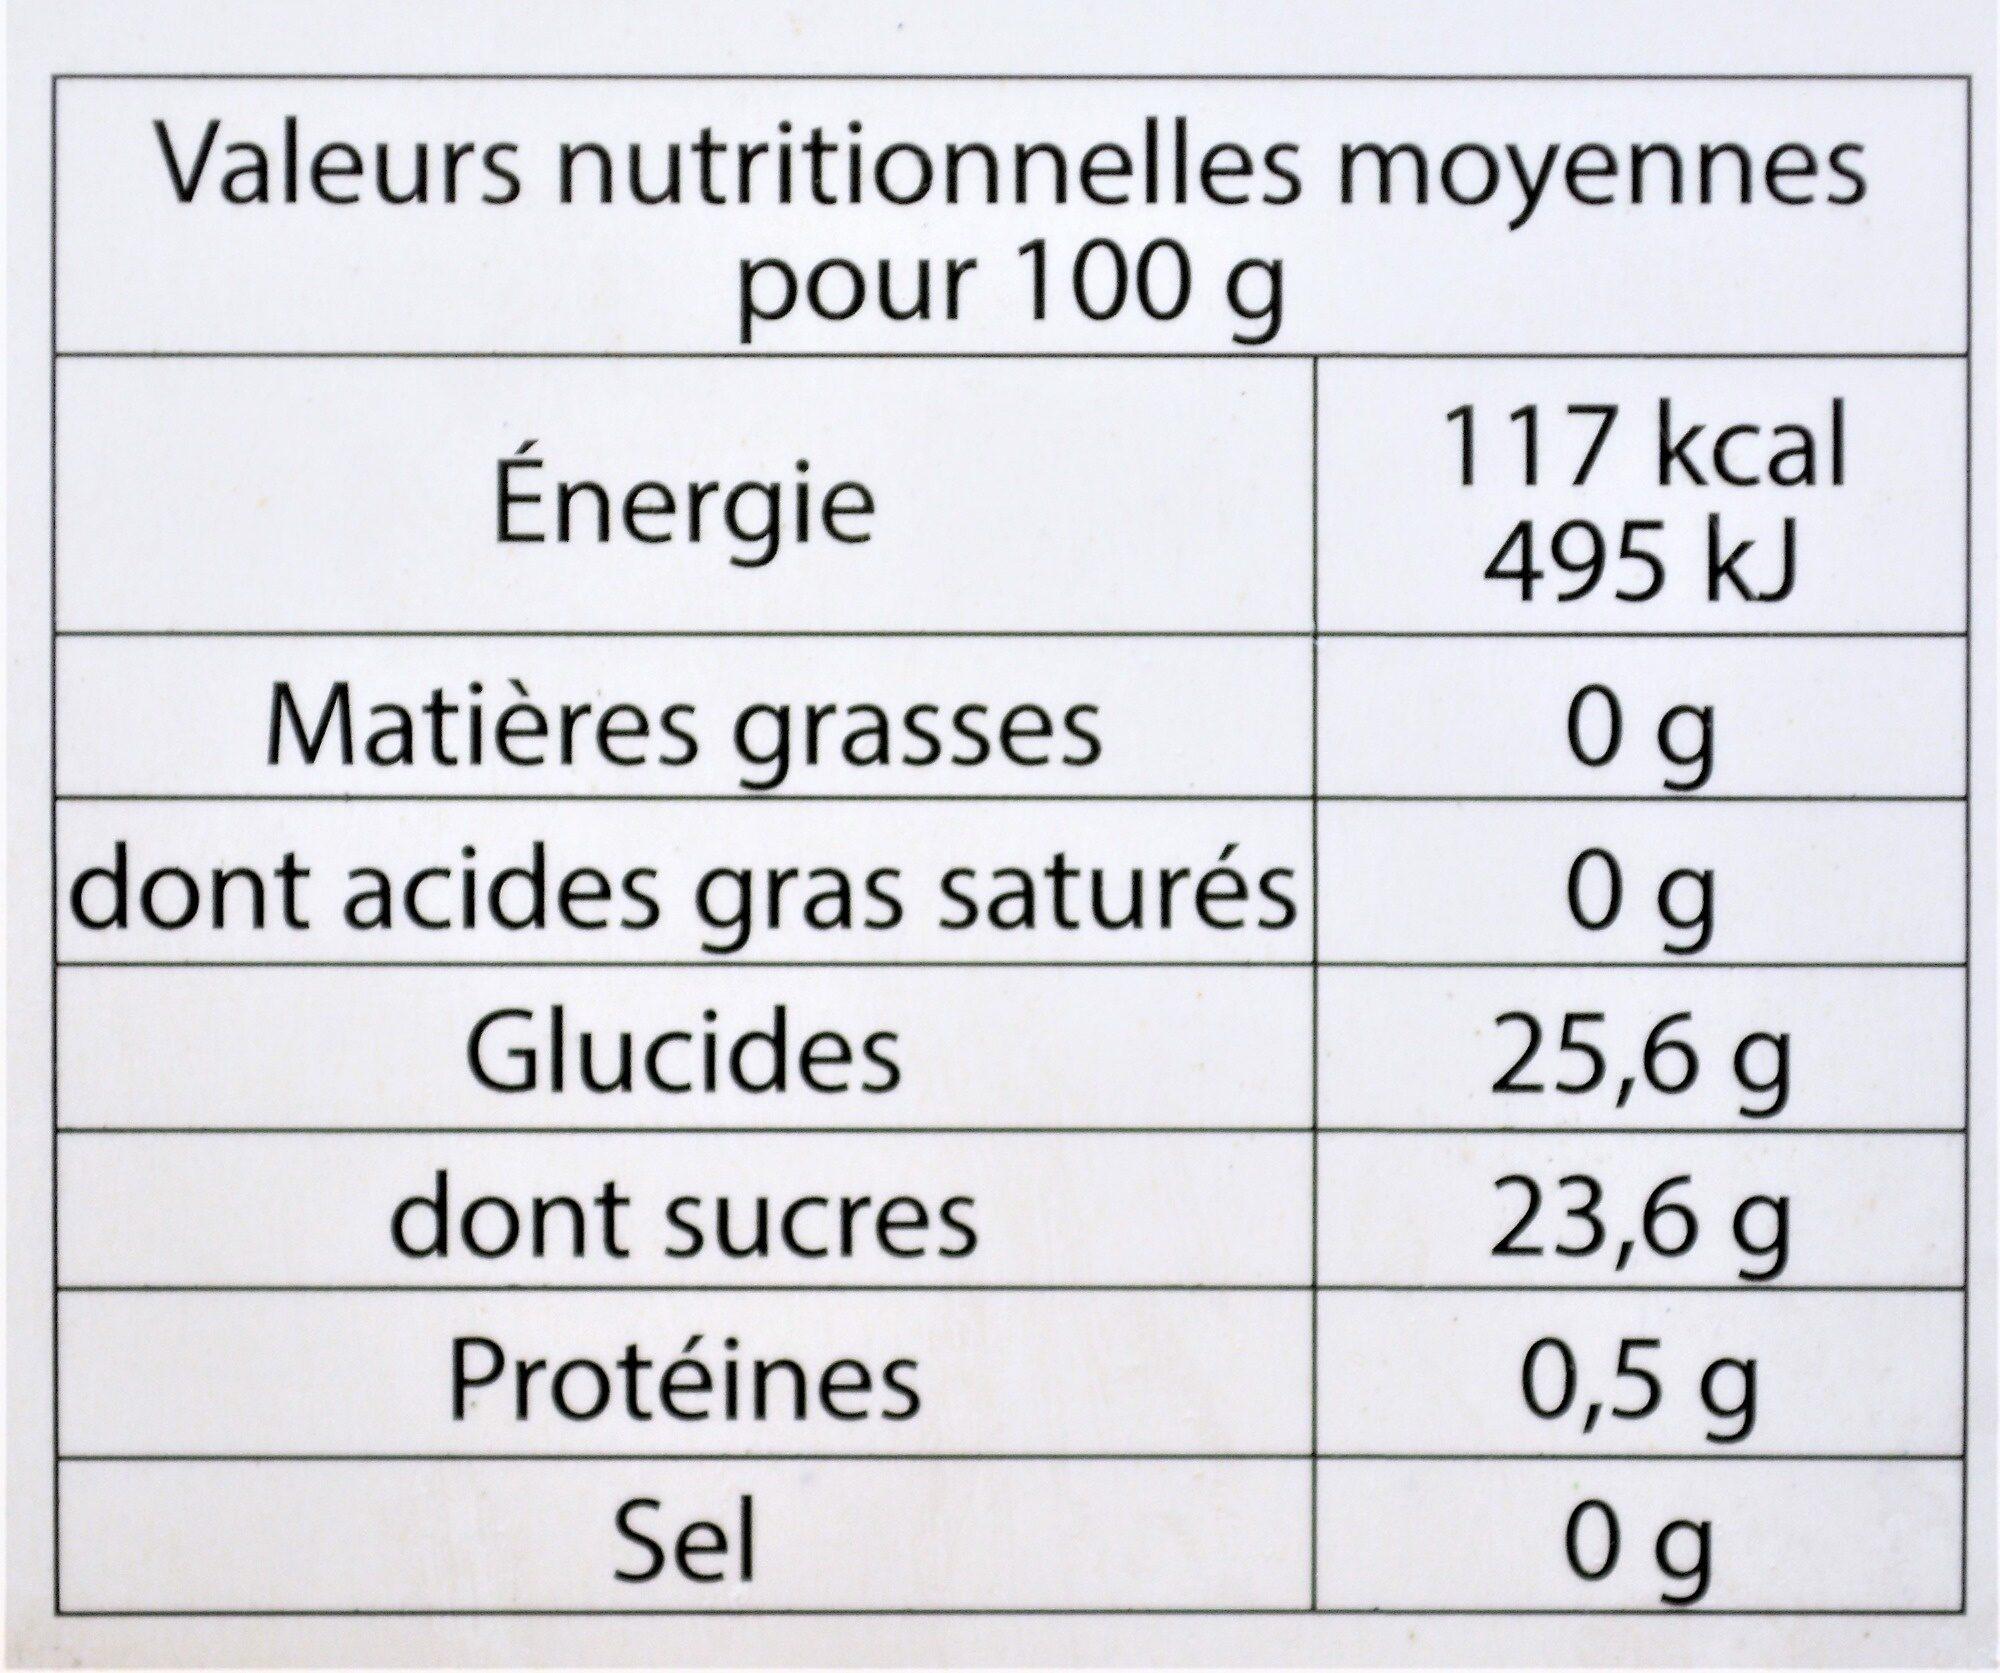 Sorbet plein fruit CASSIS variété noir de Bourgogne, 50% de fruit - Nutrition facts